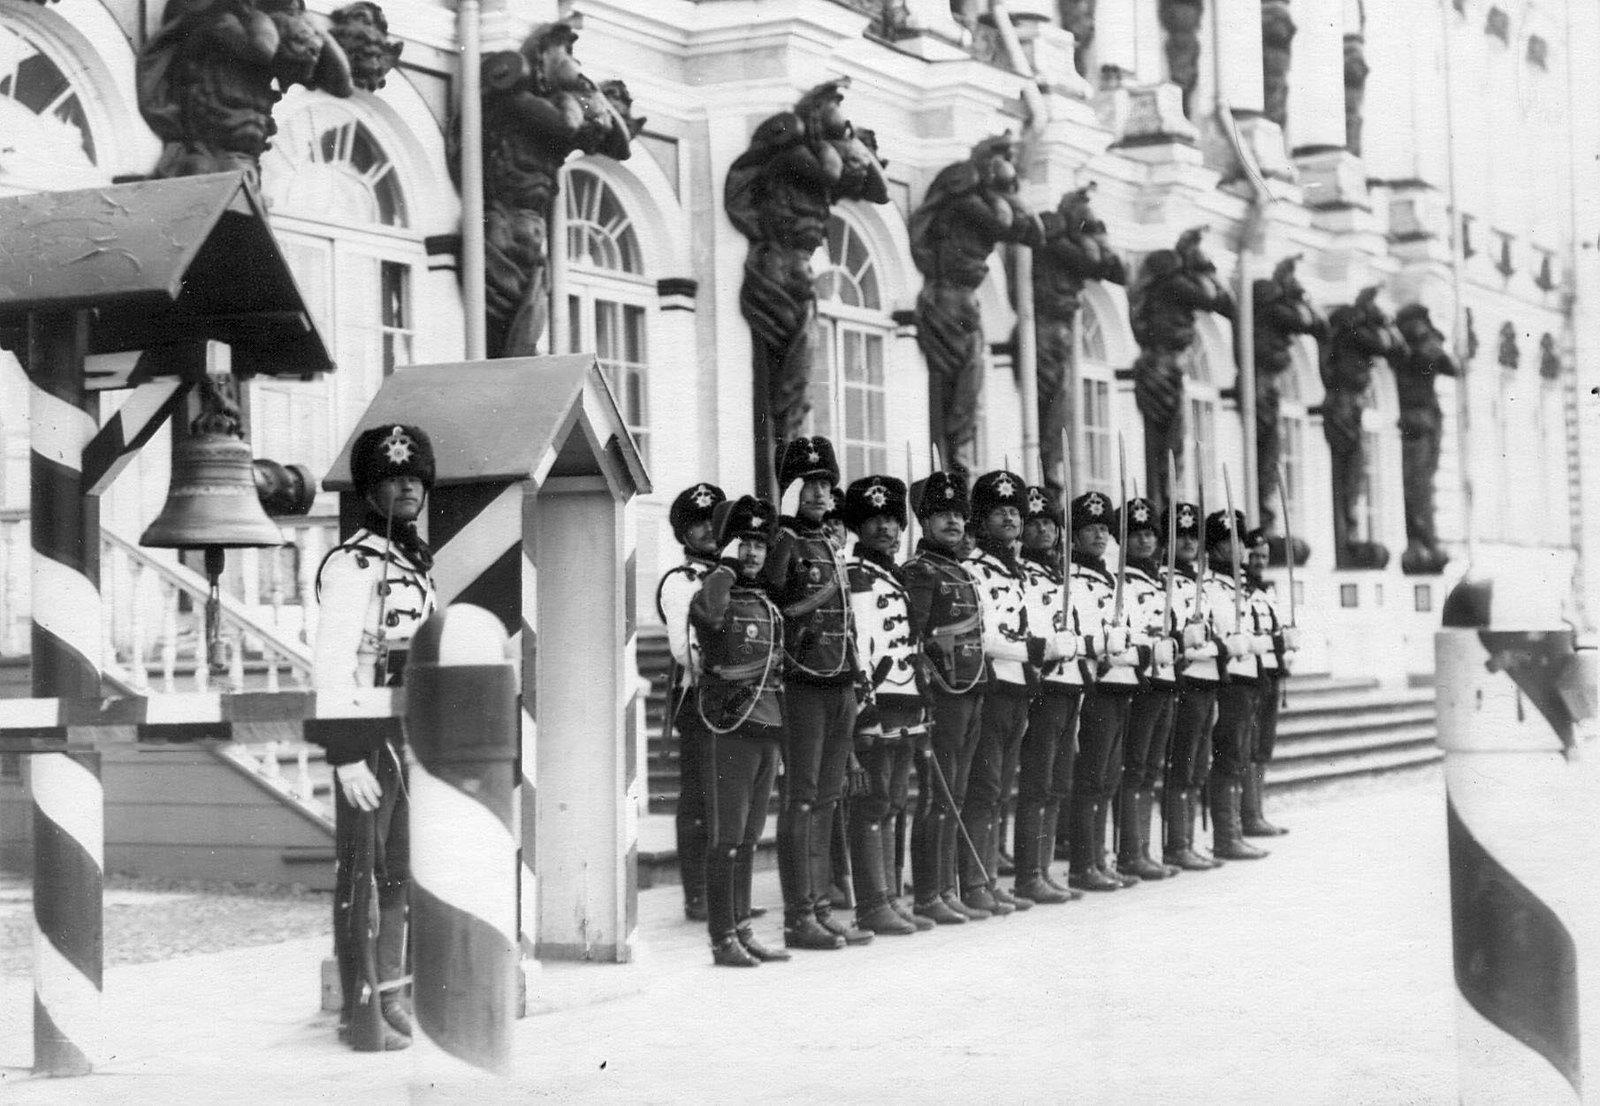 1913. Дворцовый караул лейб-гвардии Гусарского Его Величества полка